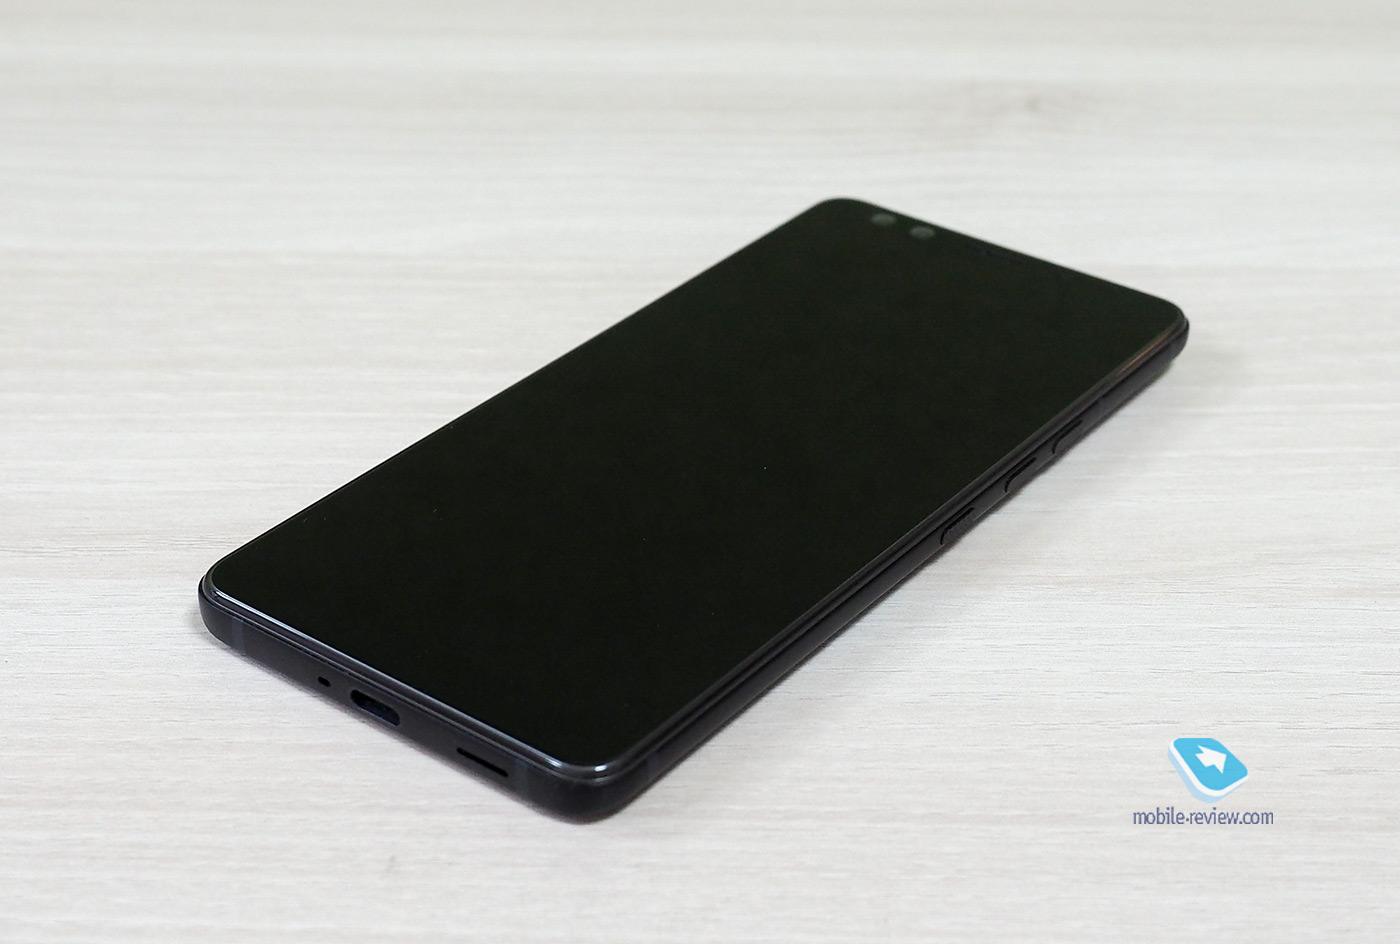 da229428d72bf Mobile-review.com Обзор смартфона HTC Exodus 1